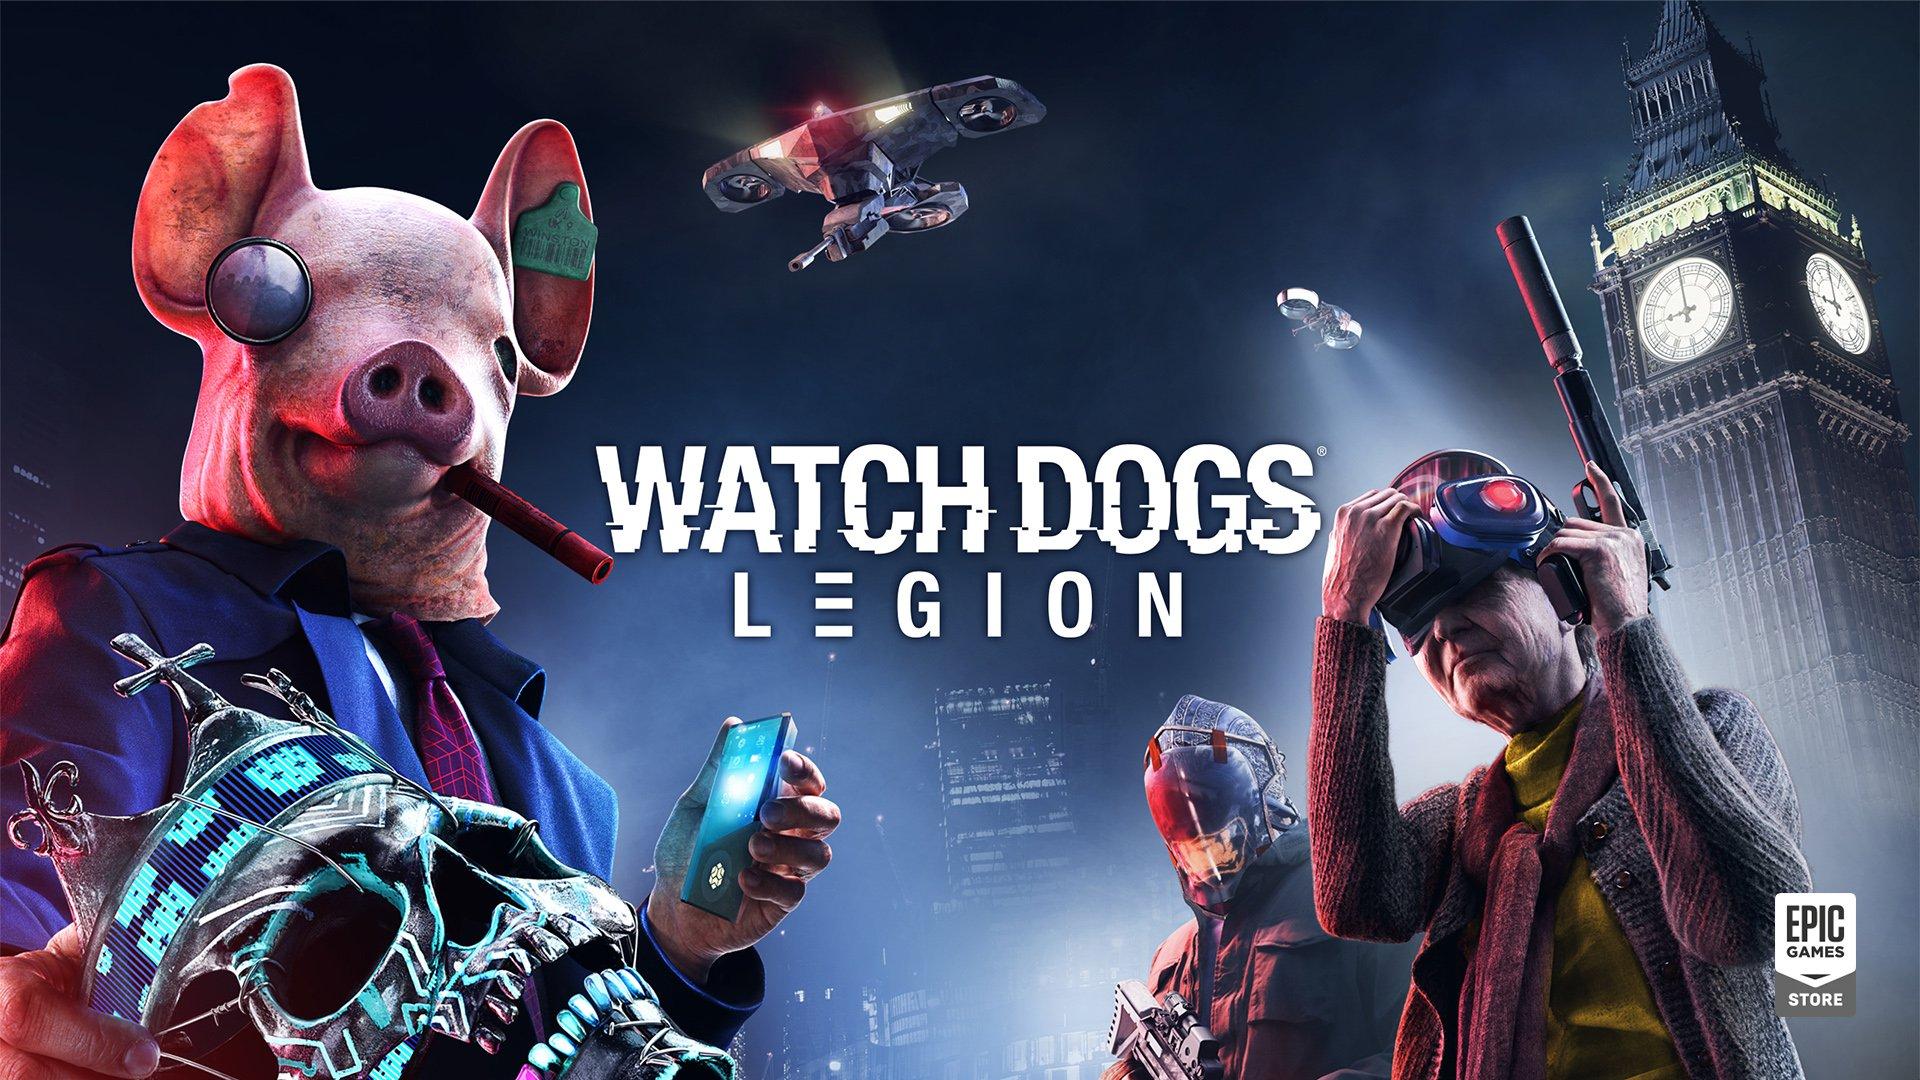 Tego jeszcze nie było. Wywiad z twórcą Watch Dogs: Legion przeprowadzony w... grze